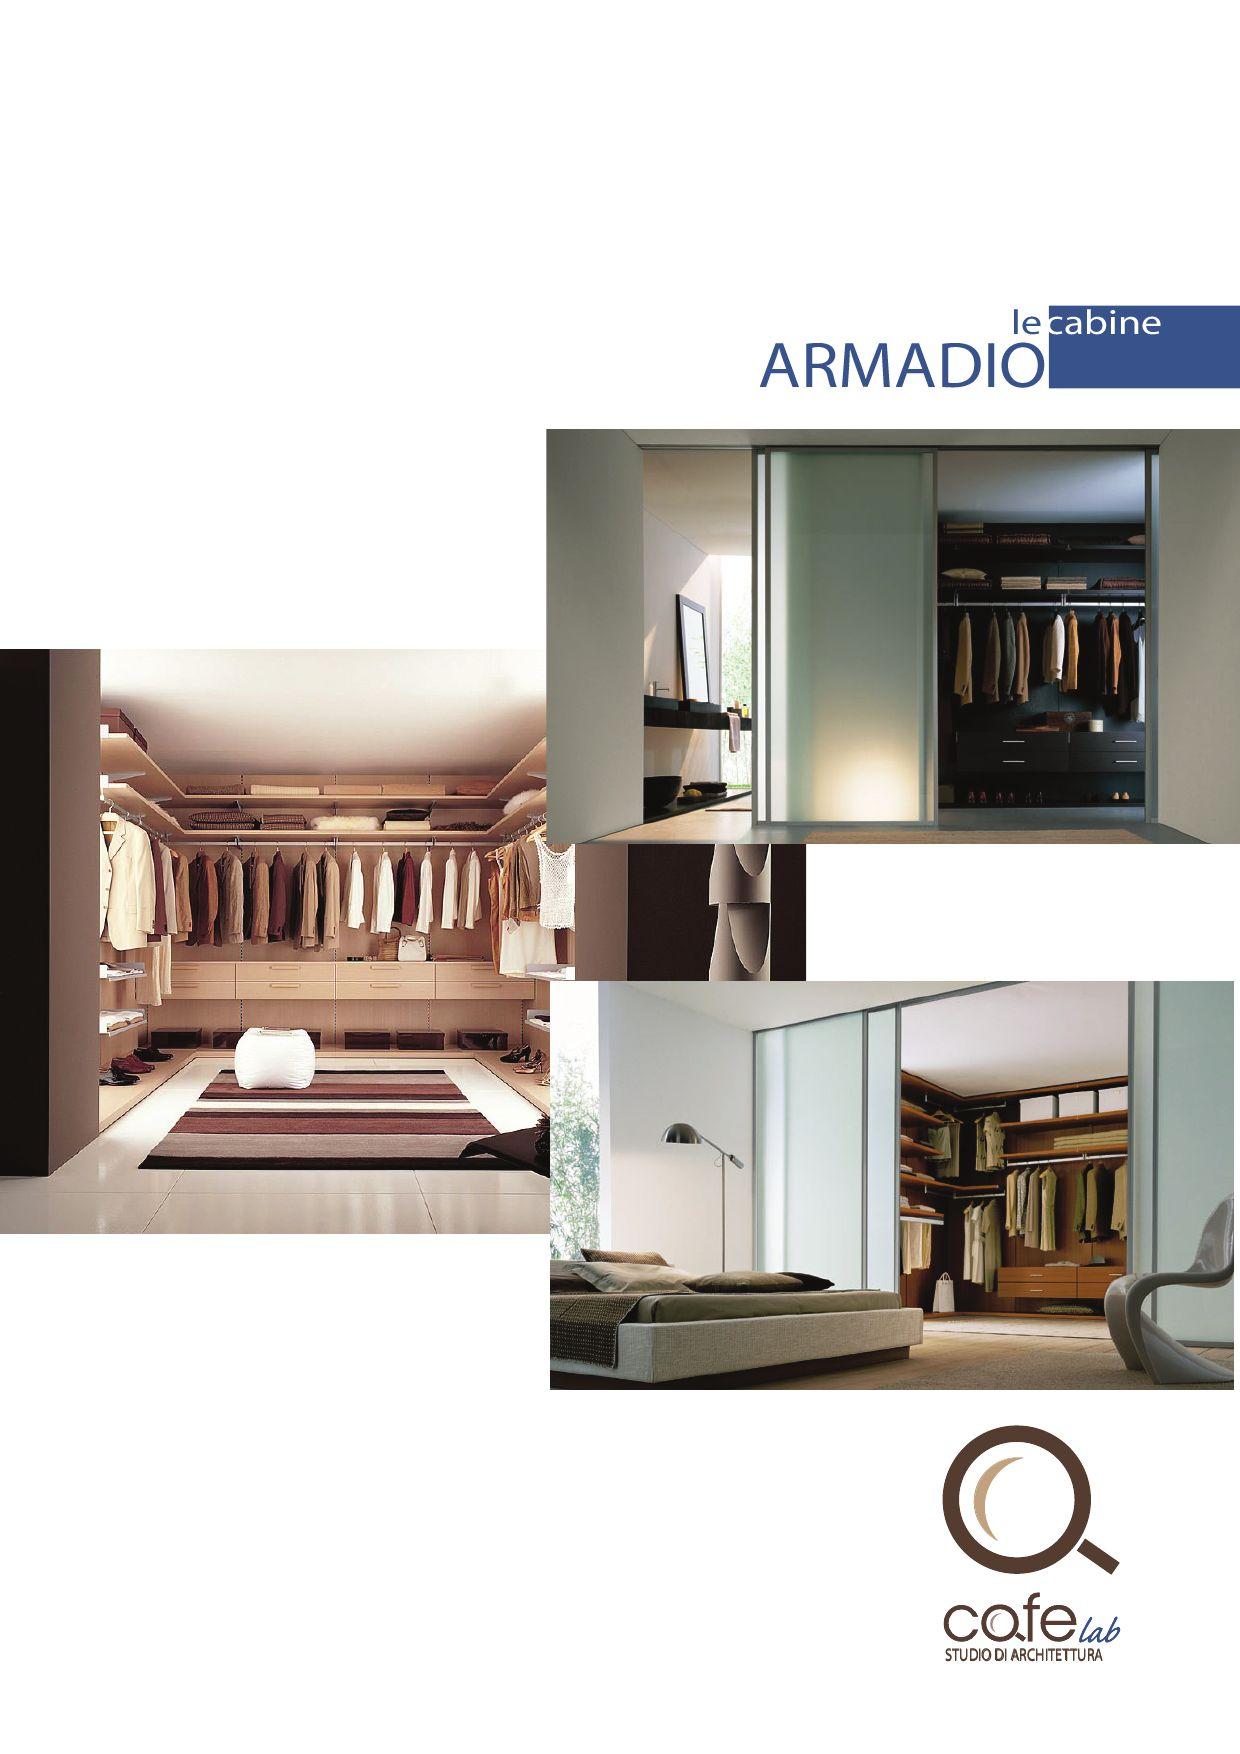 Le cabine armadio by cafelab architettura issuu for Riparazione della cabina di log